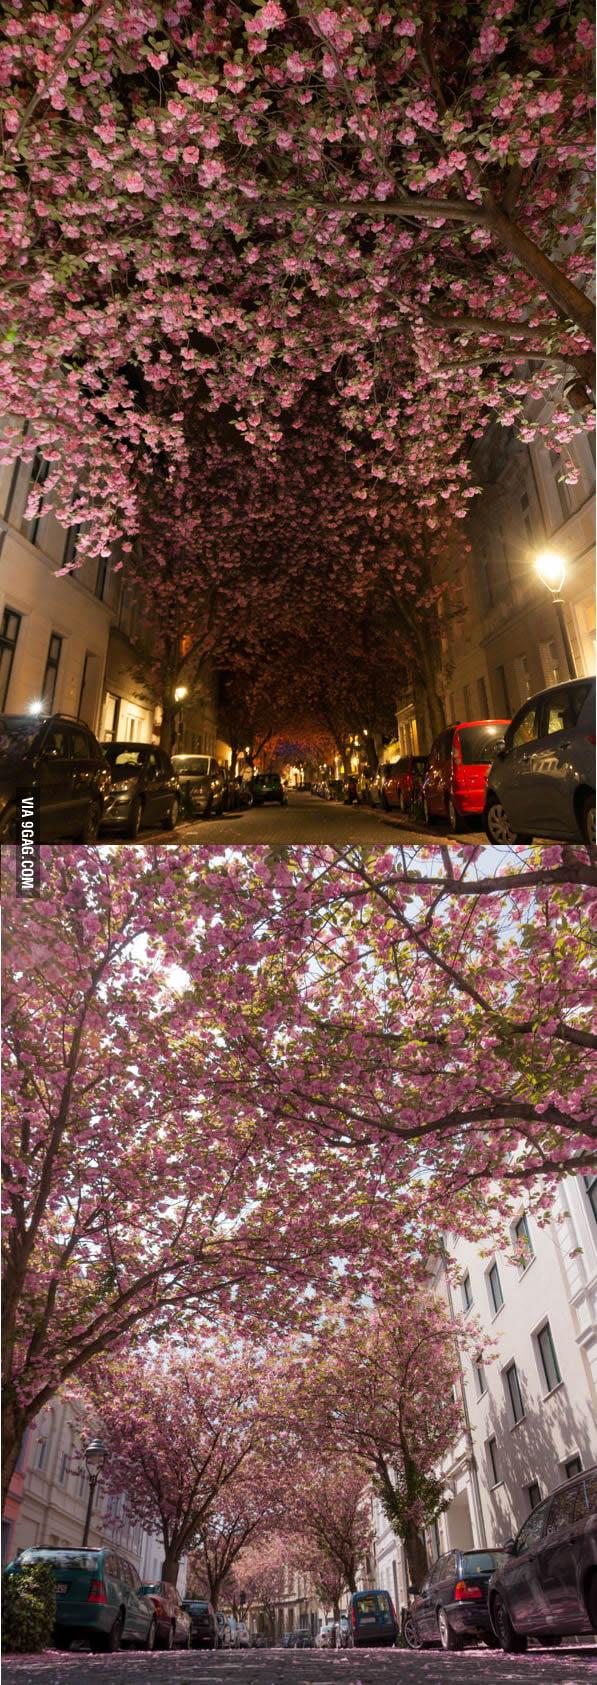 Cherry Blossom Street in Bonn